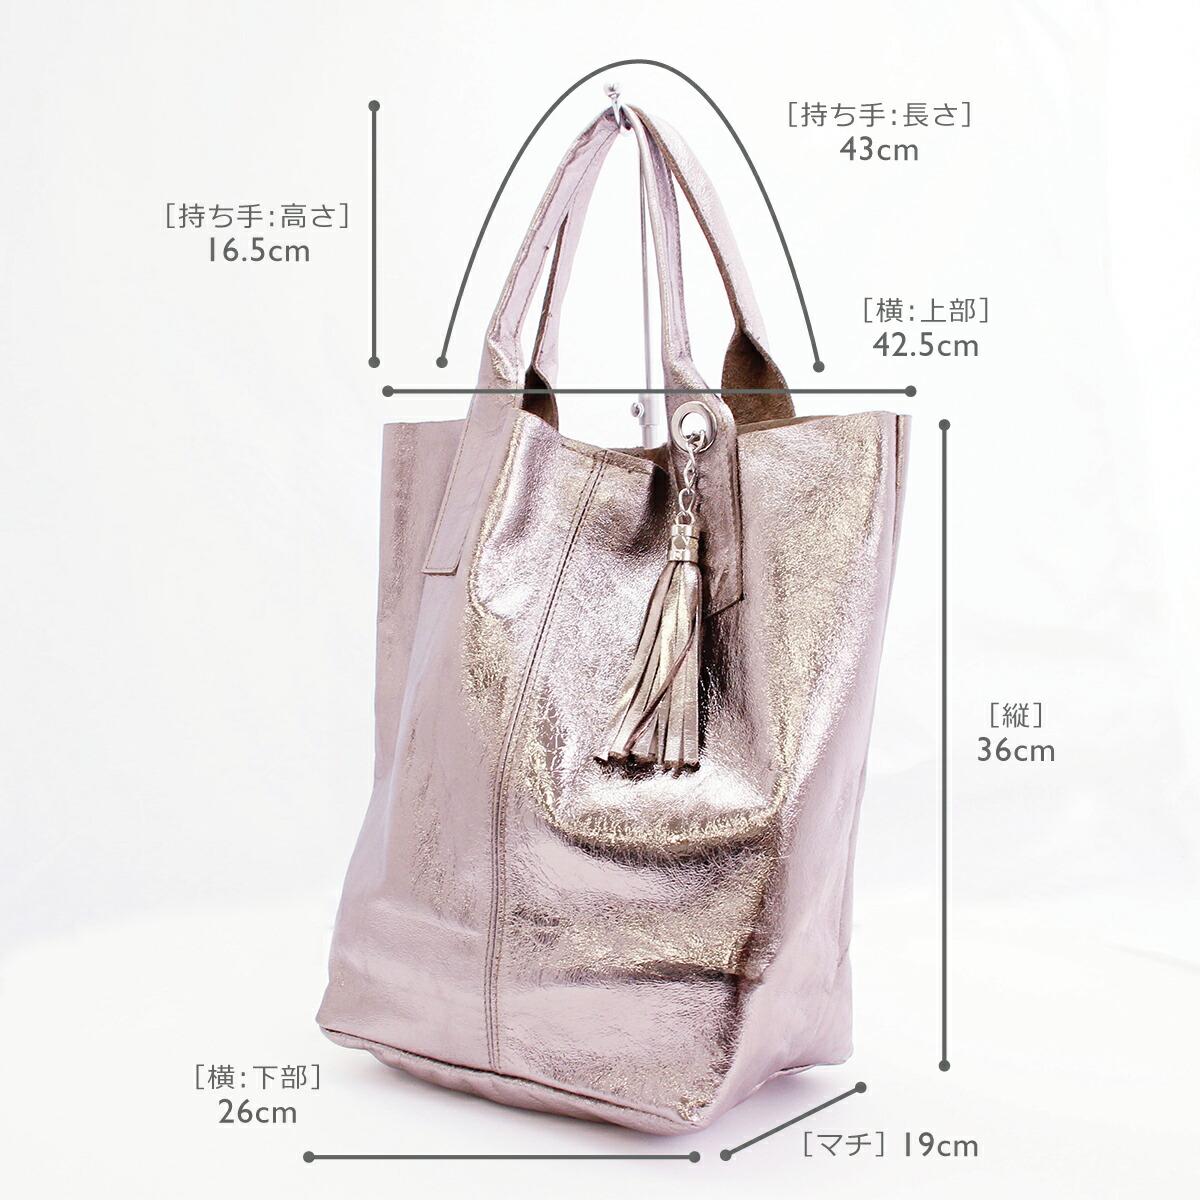 サイズ-タッセル付き メタリックレザートートバッグ